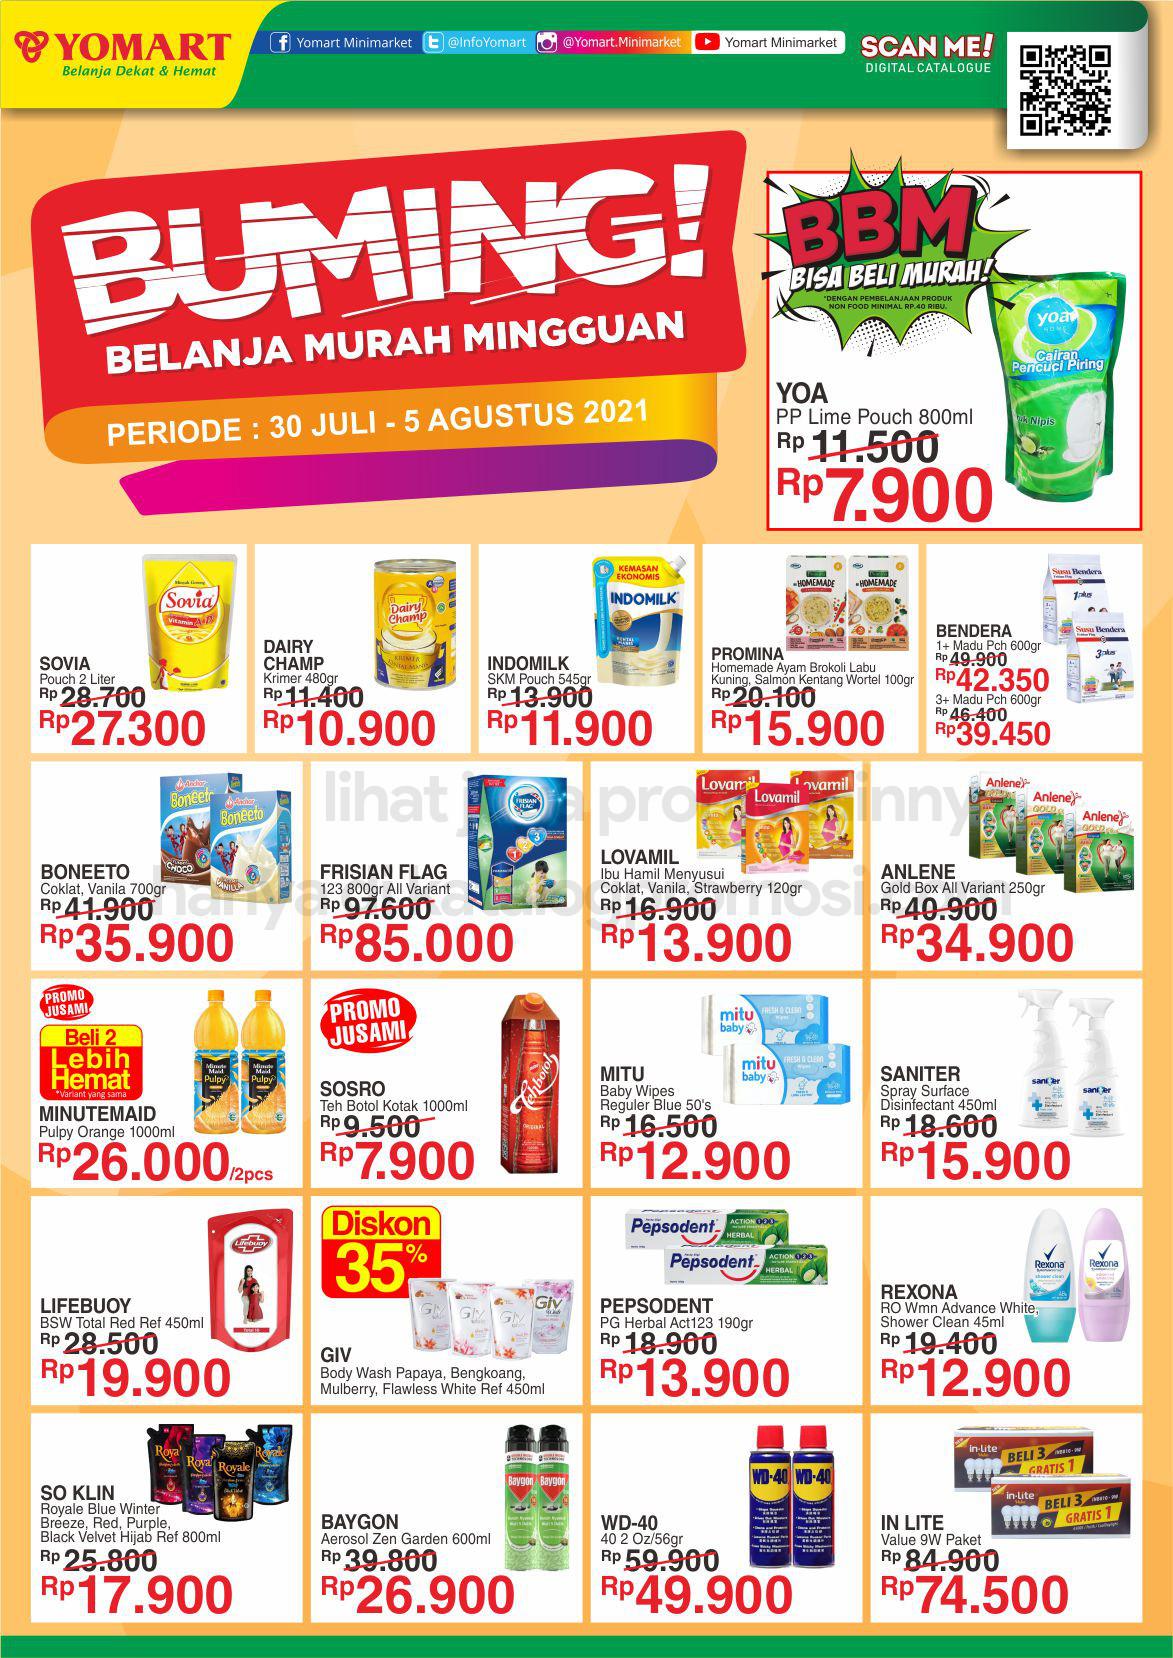 Promo Yomart Katalog Weekend Promo periode 30 JULI - 05 AGUSTUS 2021